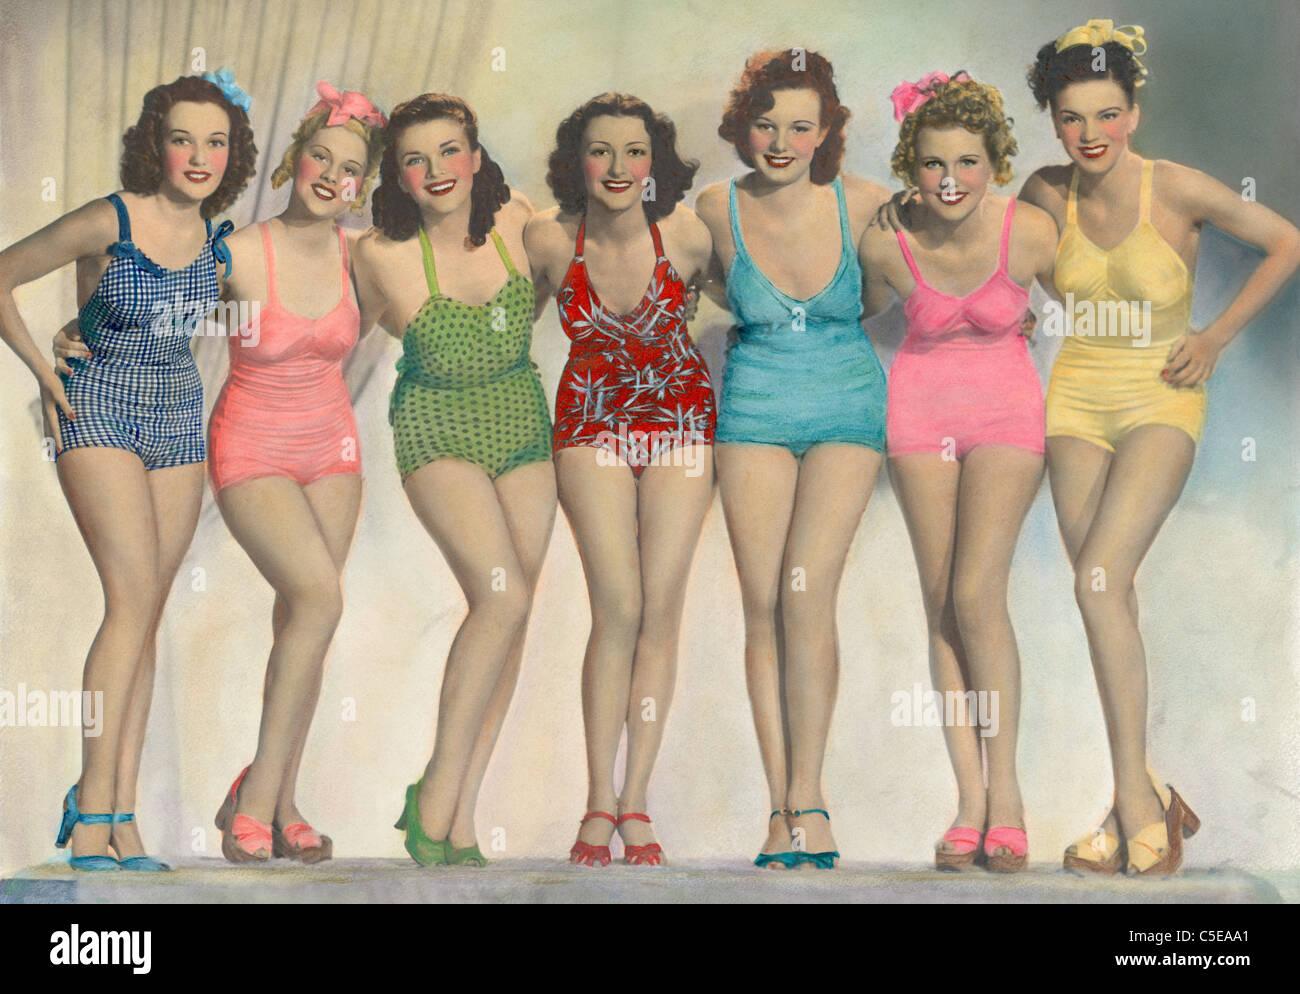 Frauen in Badeanzügen posieren Stockbild